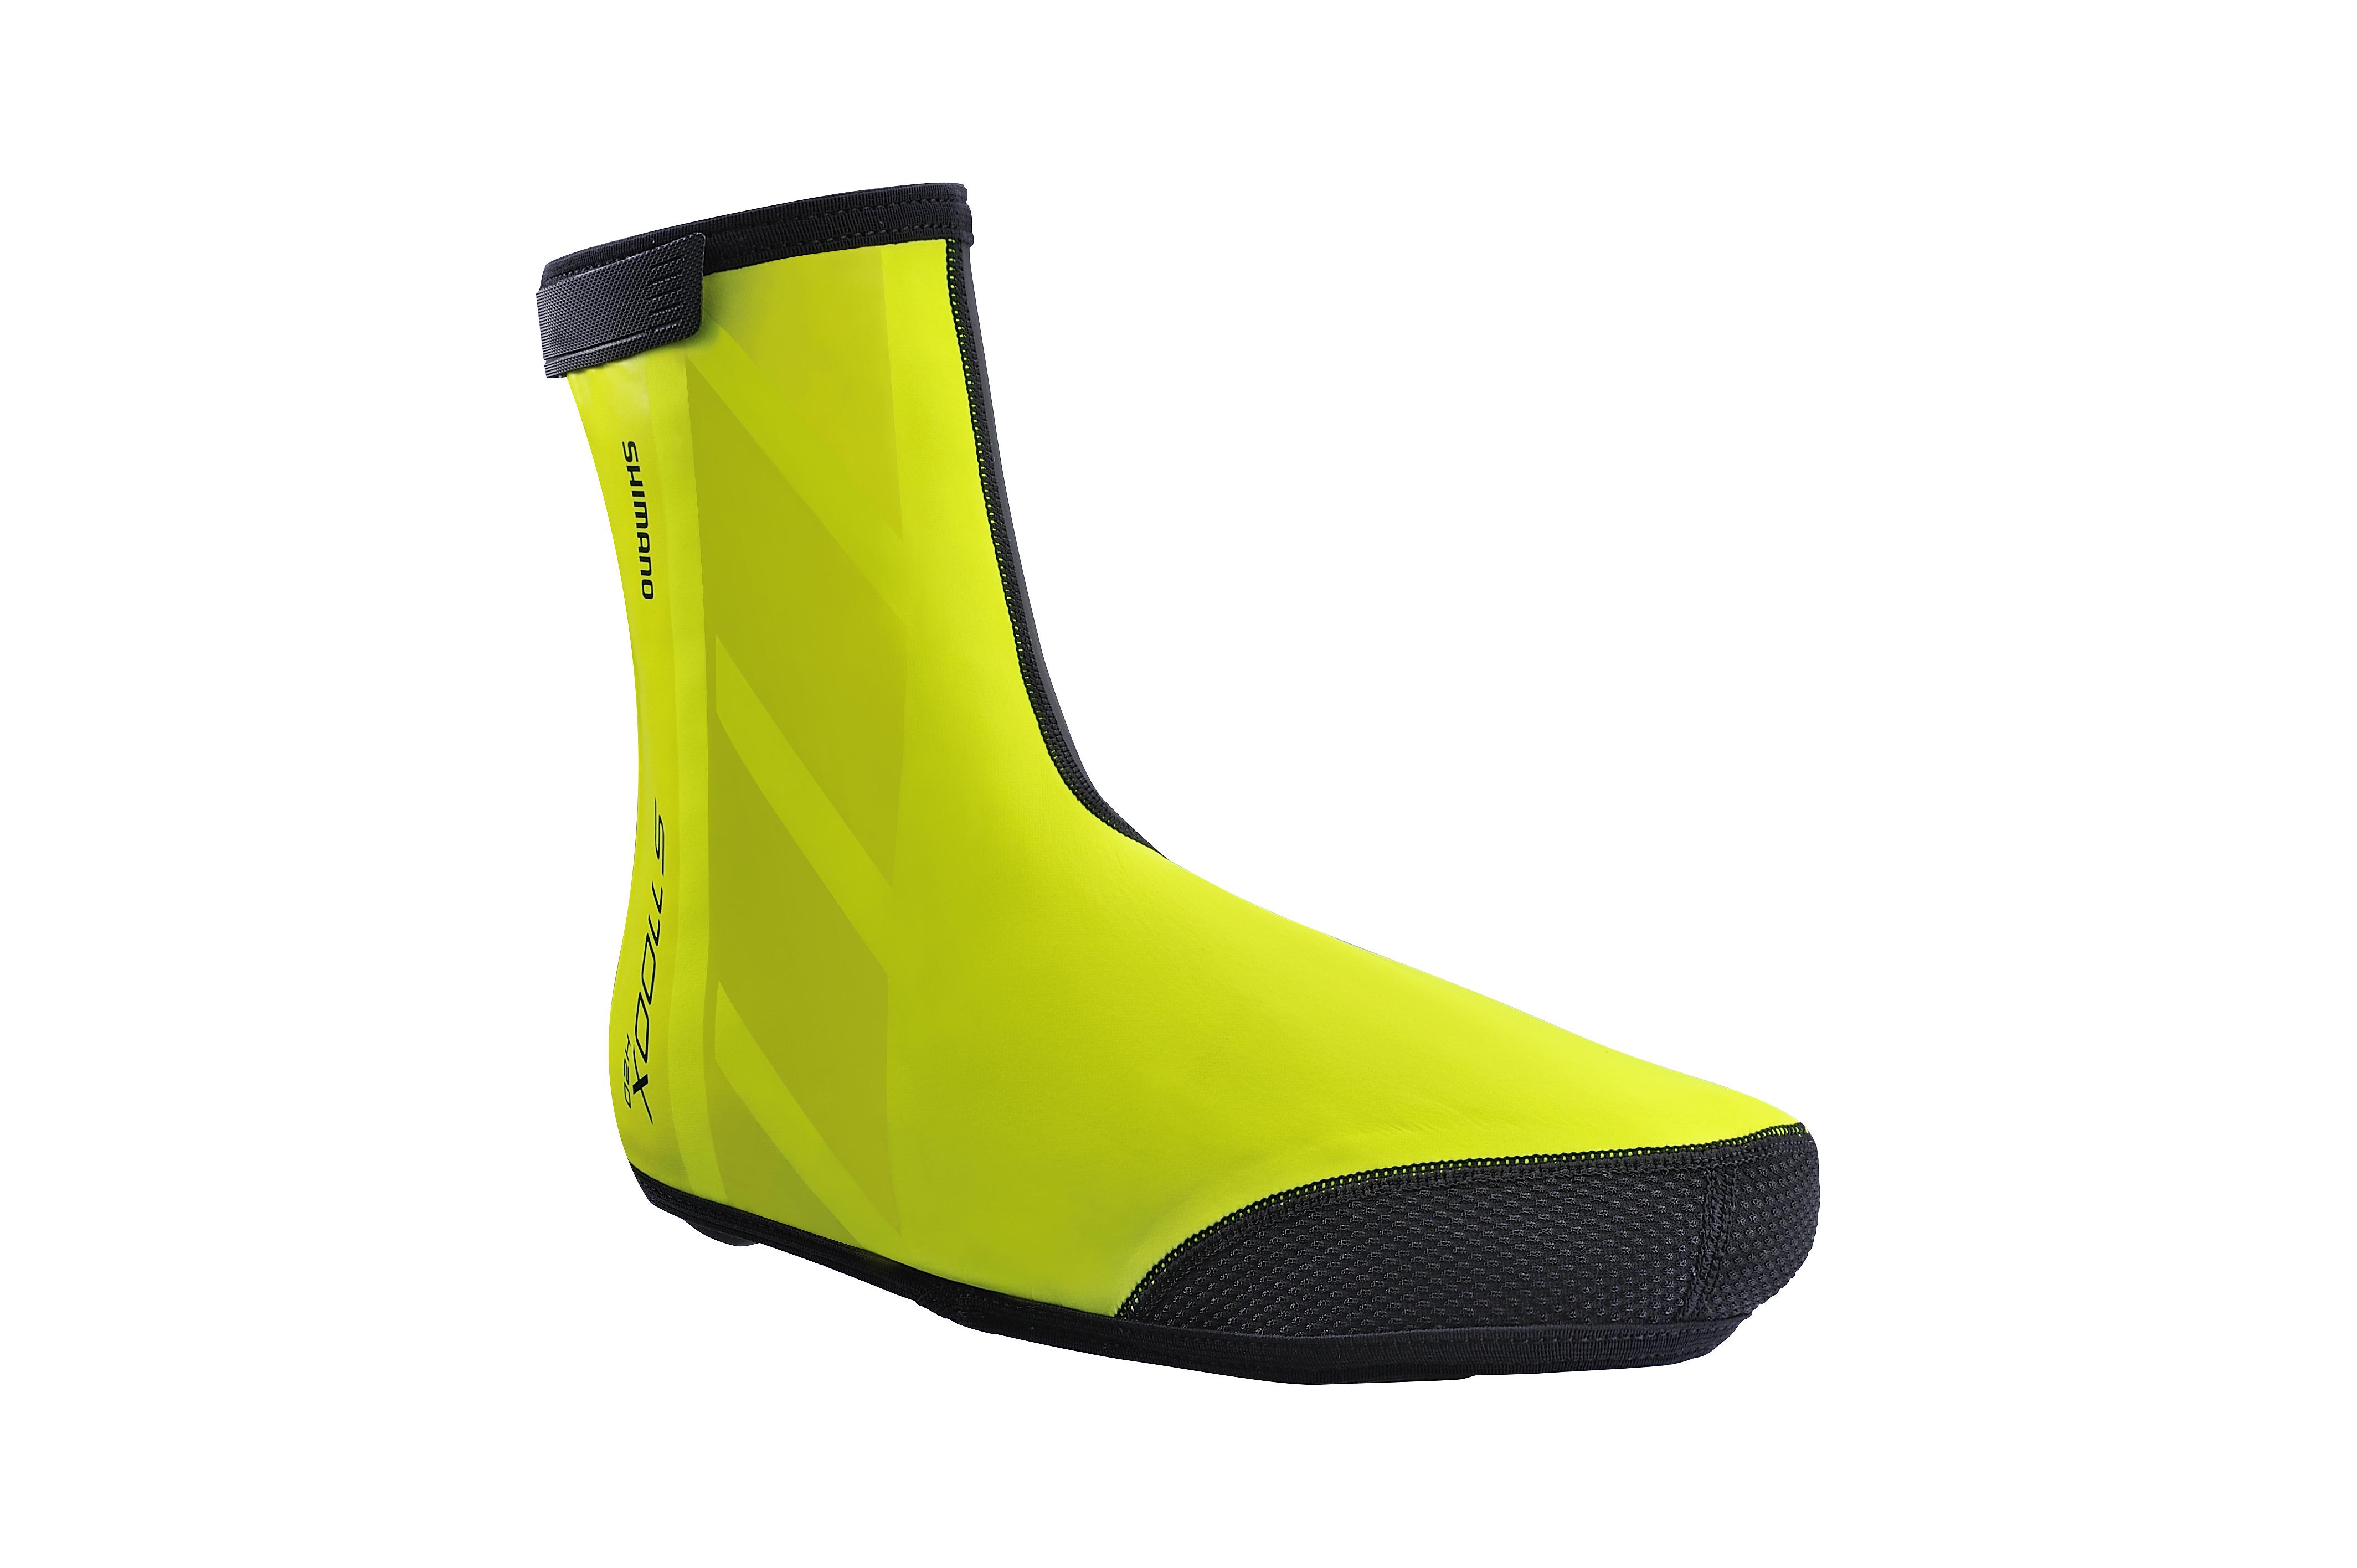 SHIMANO S1100X H2O návleky na obuv, Neon žlutá, S